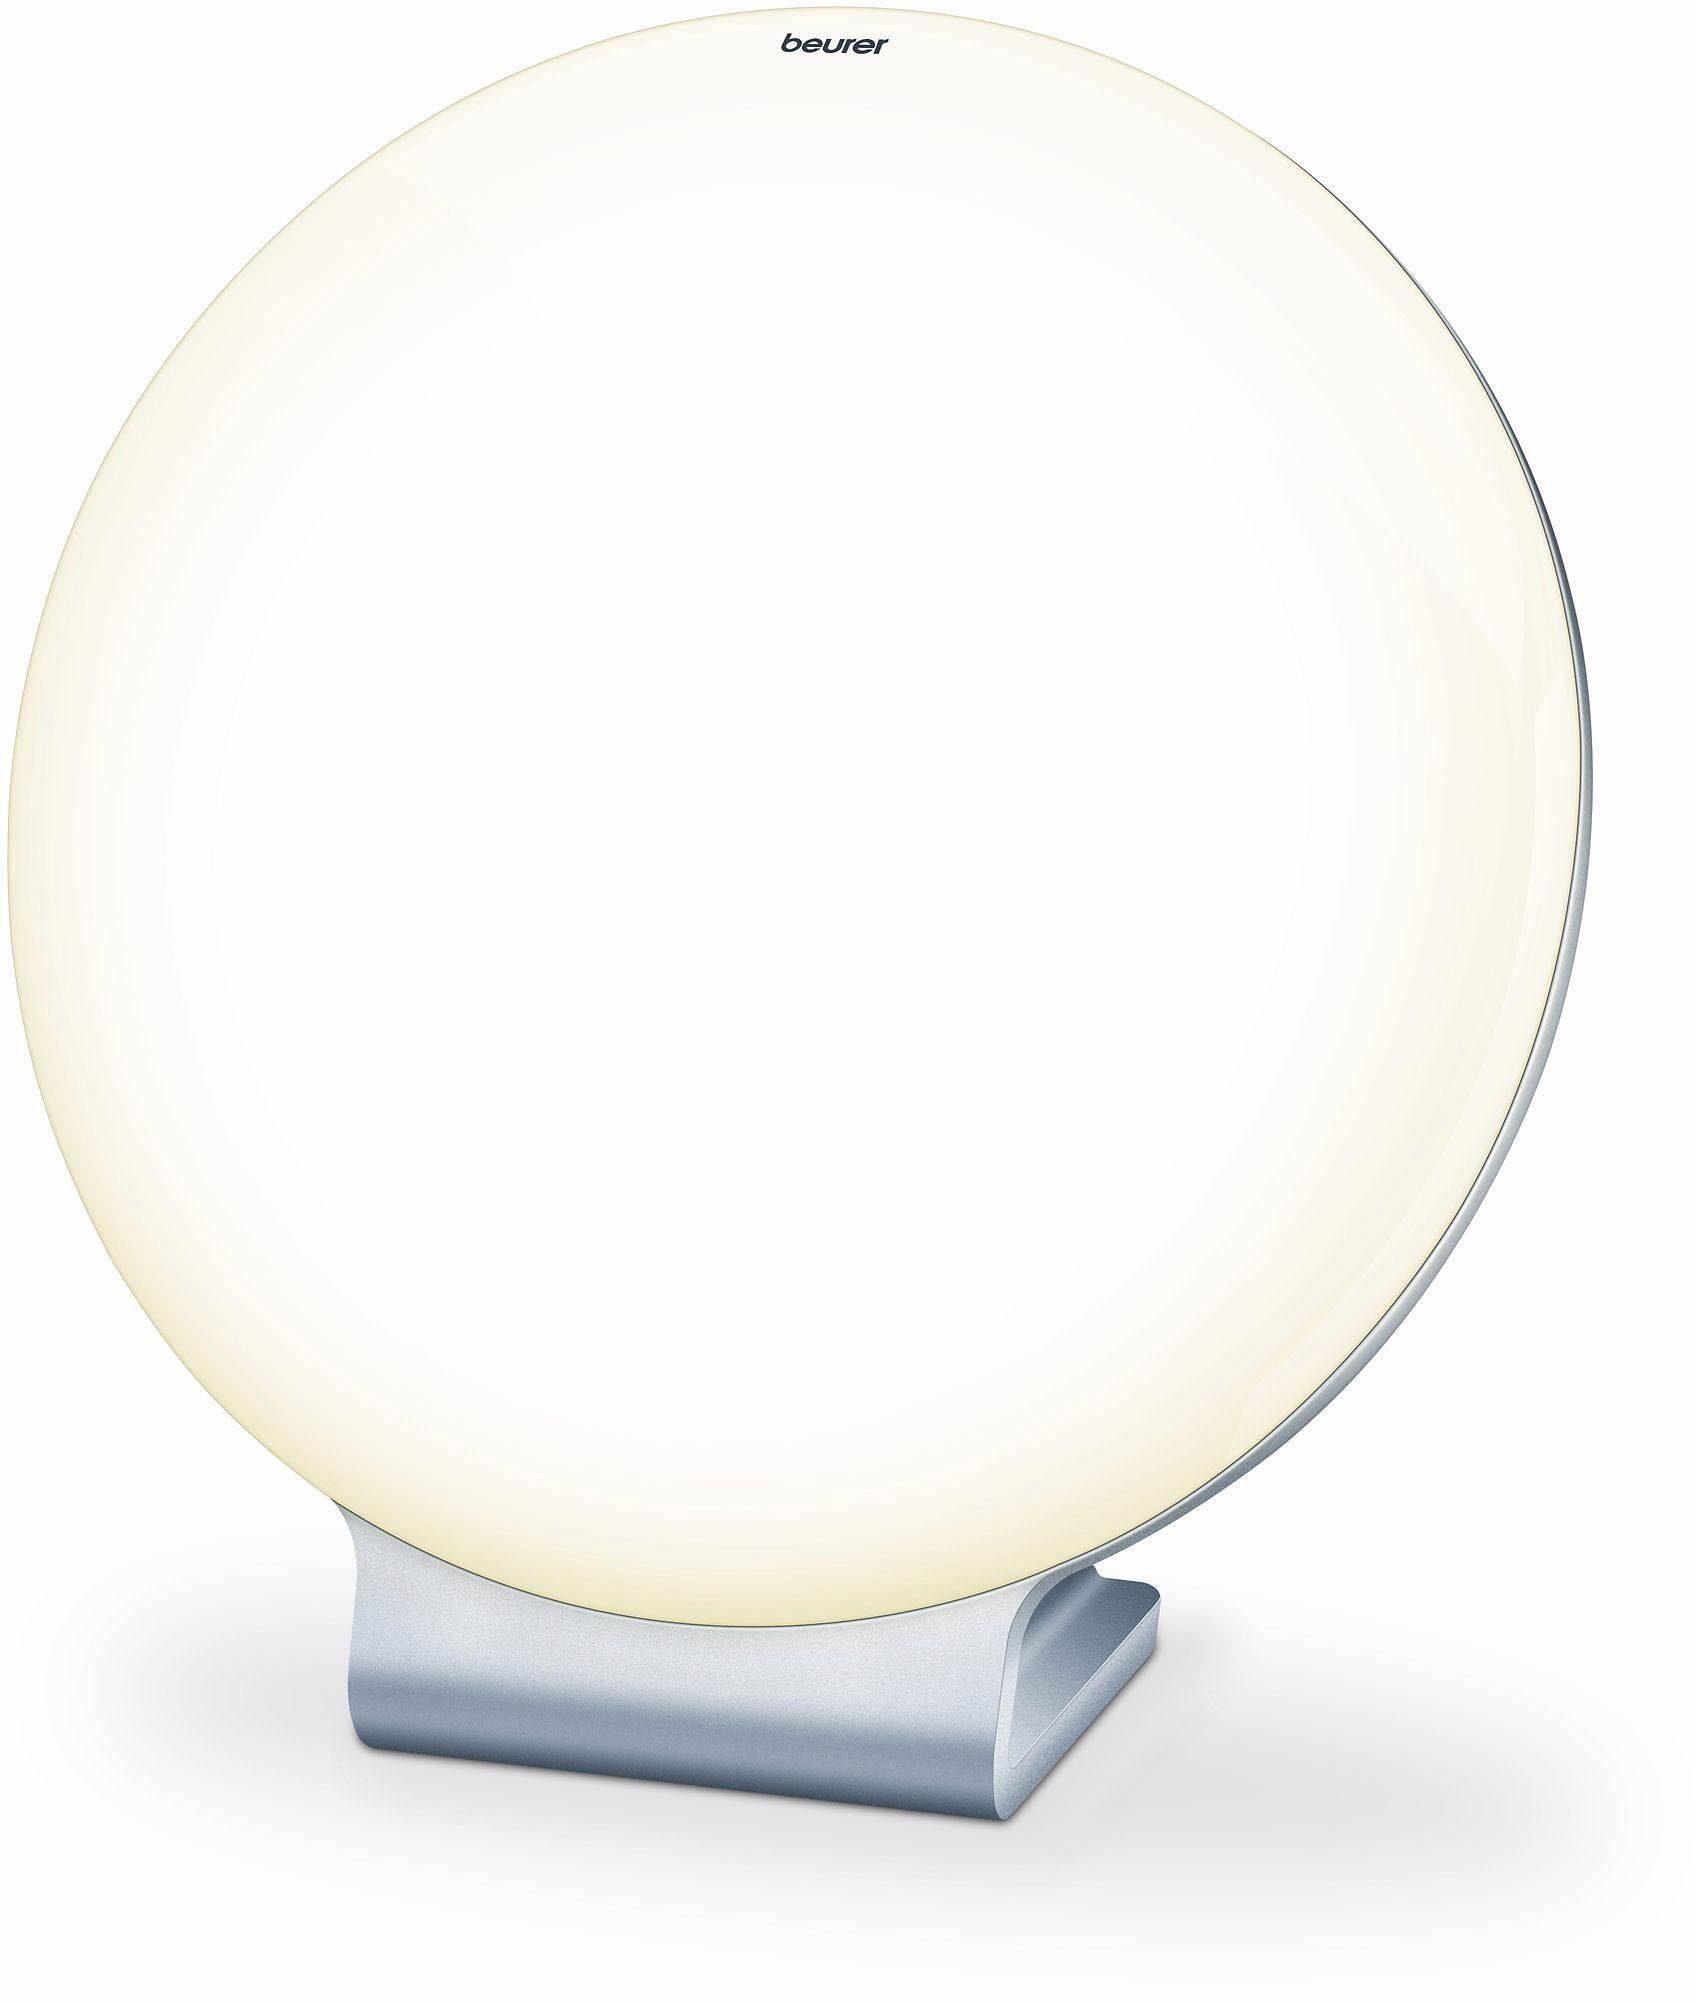 Dag Licht Lamp : Beurer daglichtlamp tl bestellen bij otto